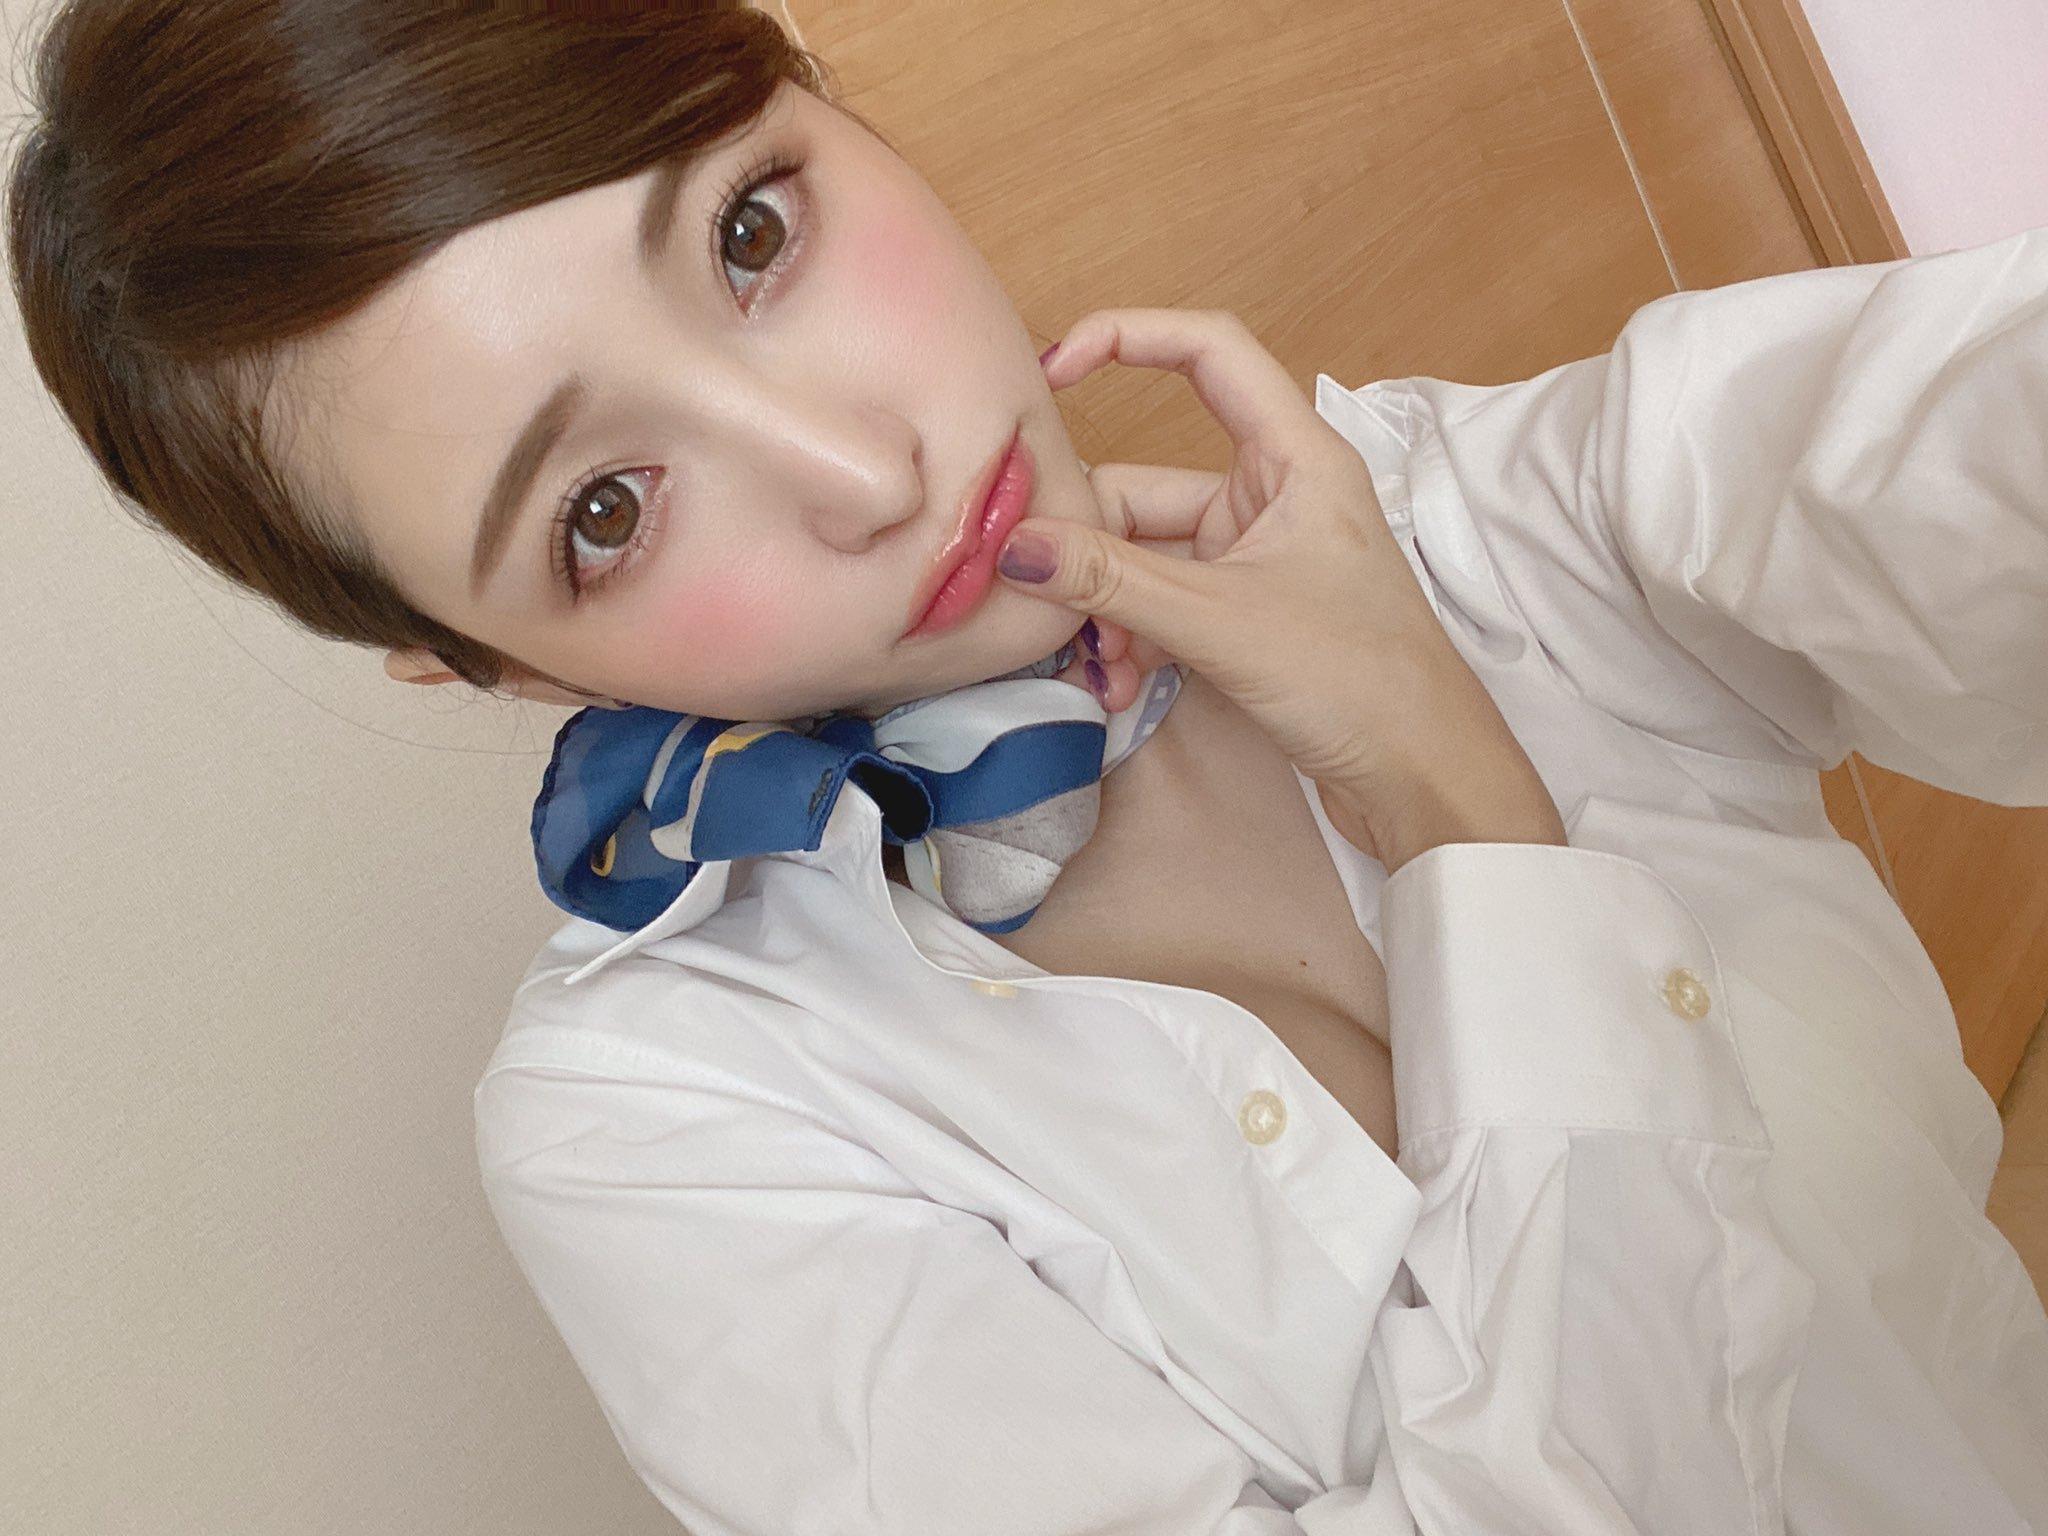 amatsuka_moe 1243019298550865920_p1